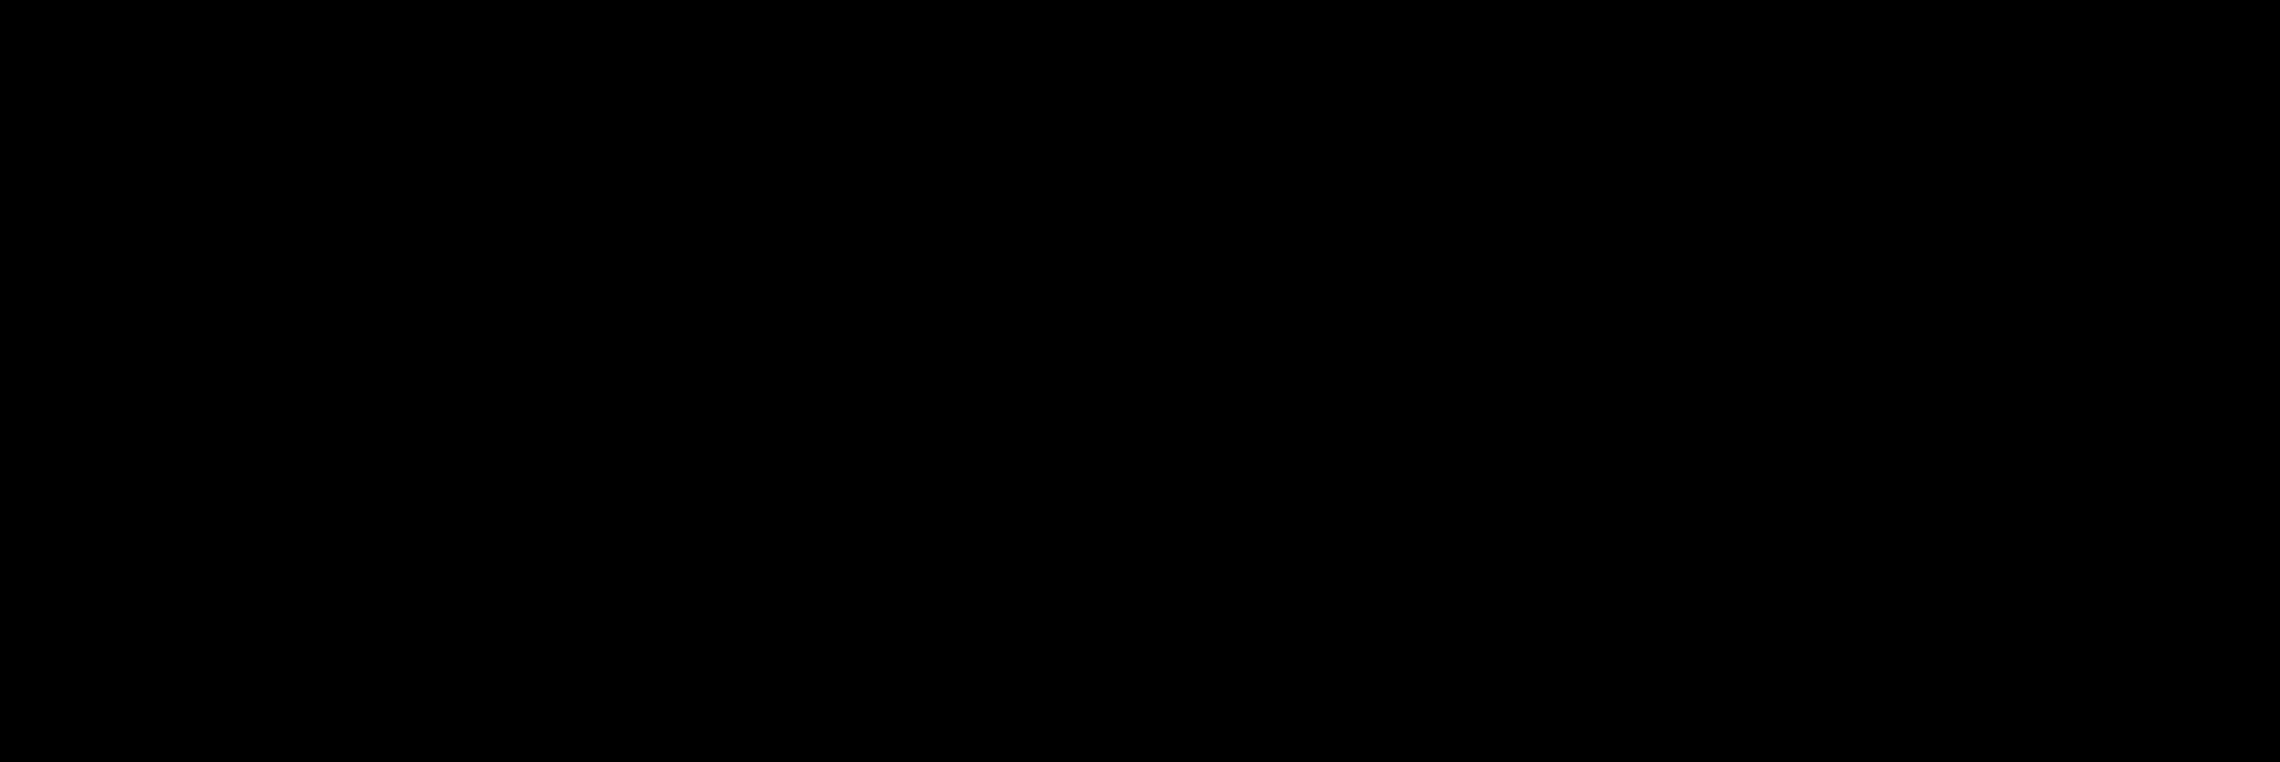 Mountain Vector Clipart.